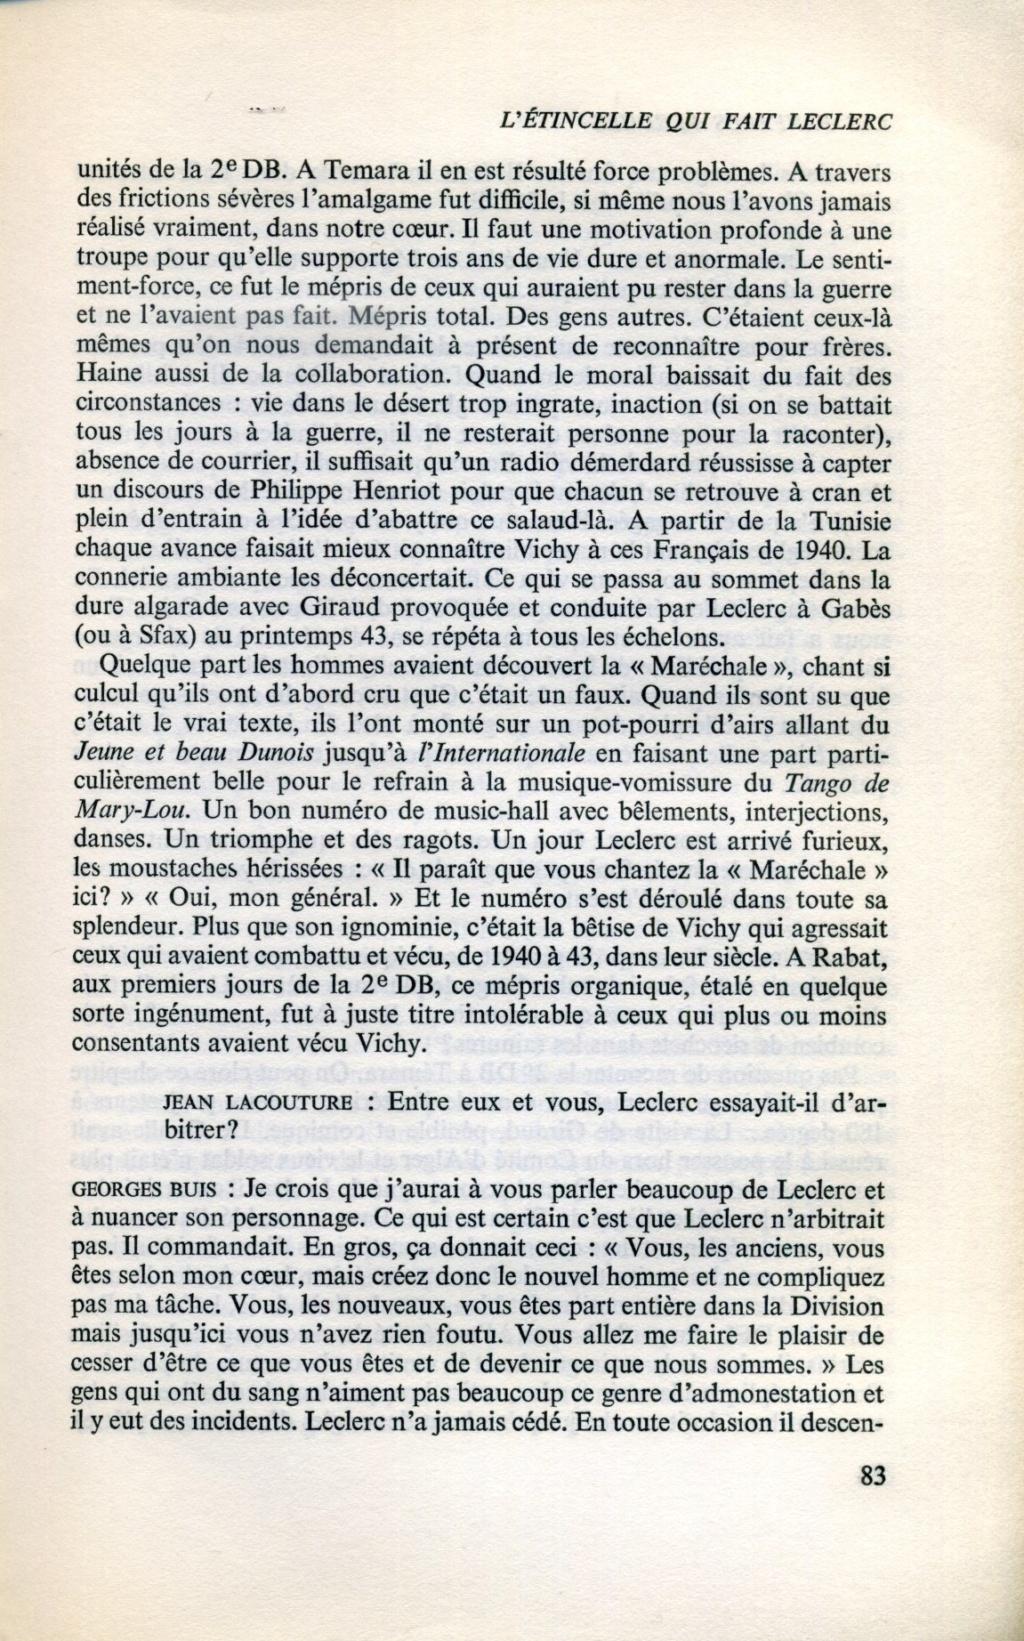 Georges Buis les fanfares perdues Les_fa29